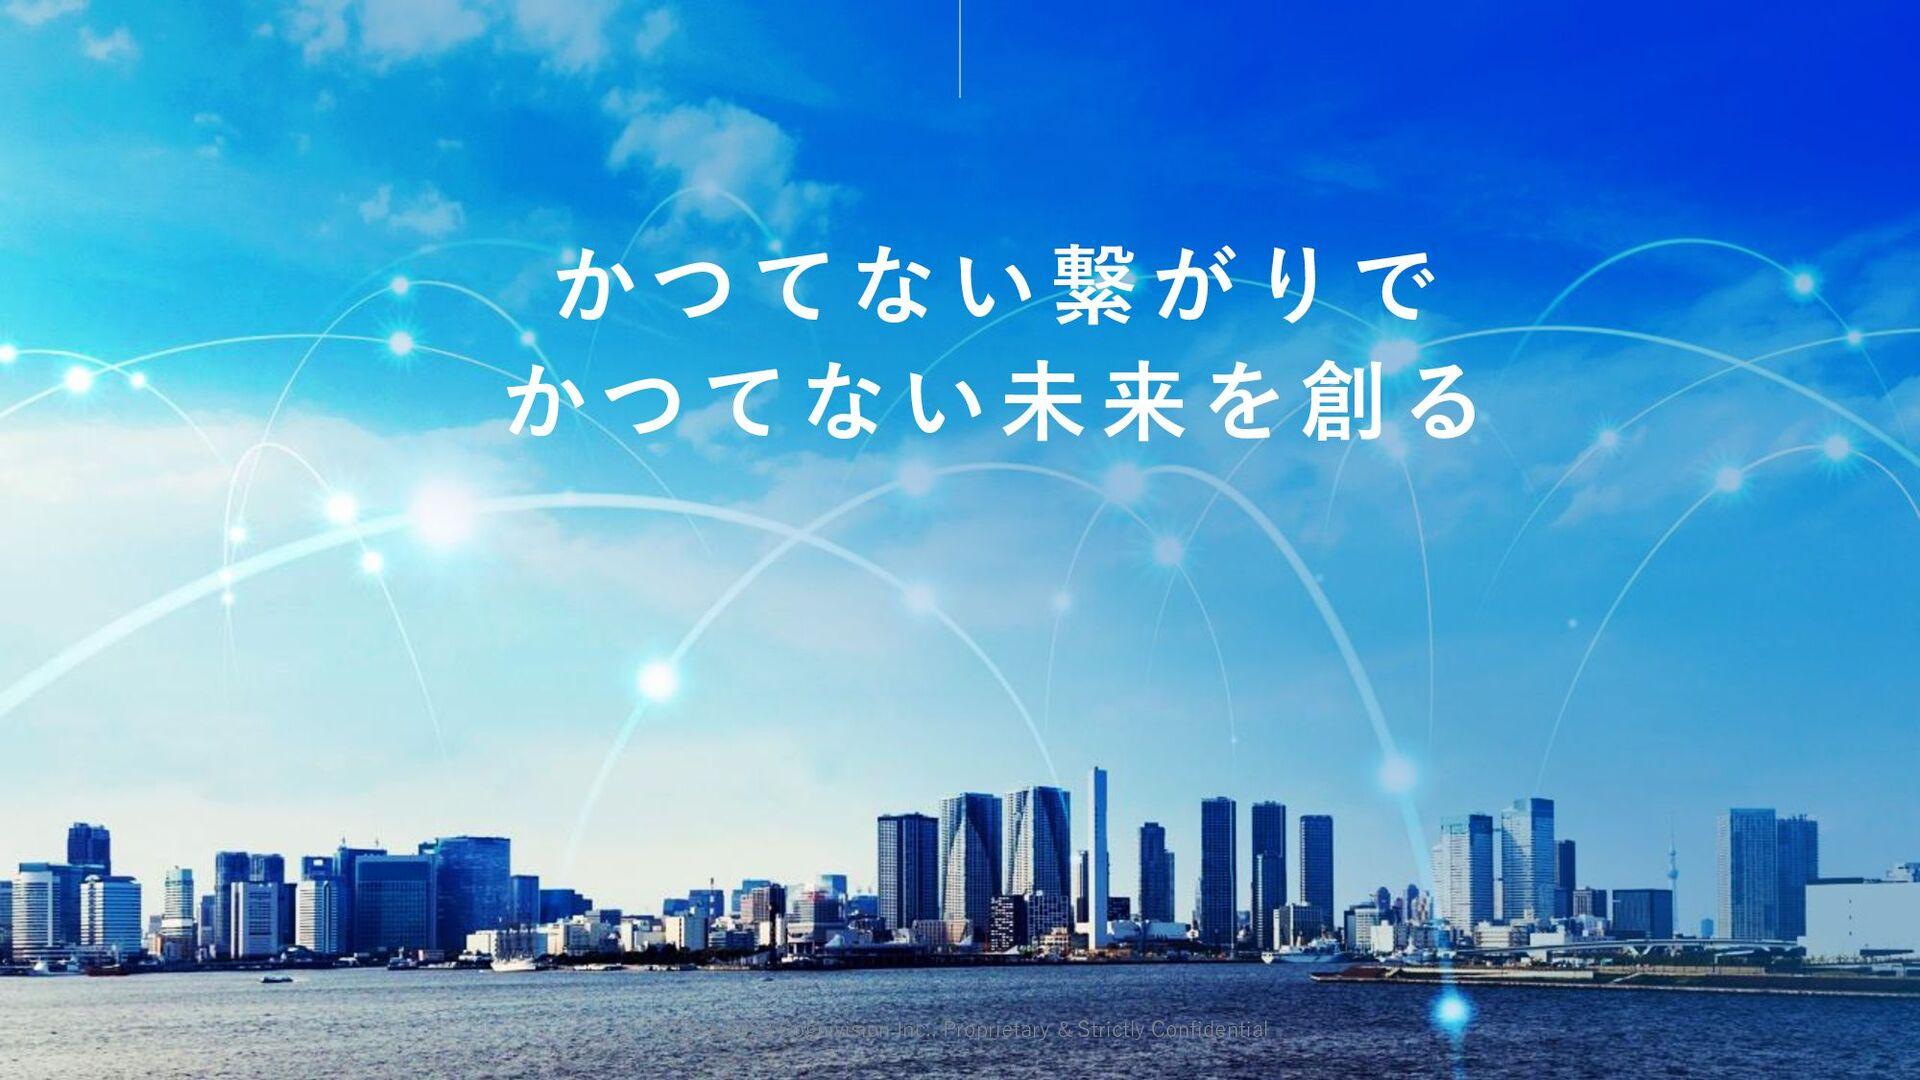 かつてない繋がりで かつてない未来を創る Vision ©2017-2021 Cognivis...